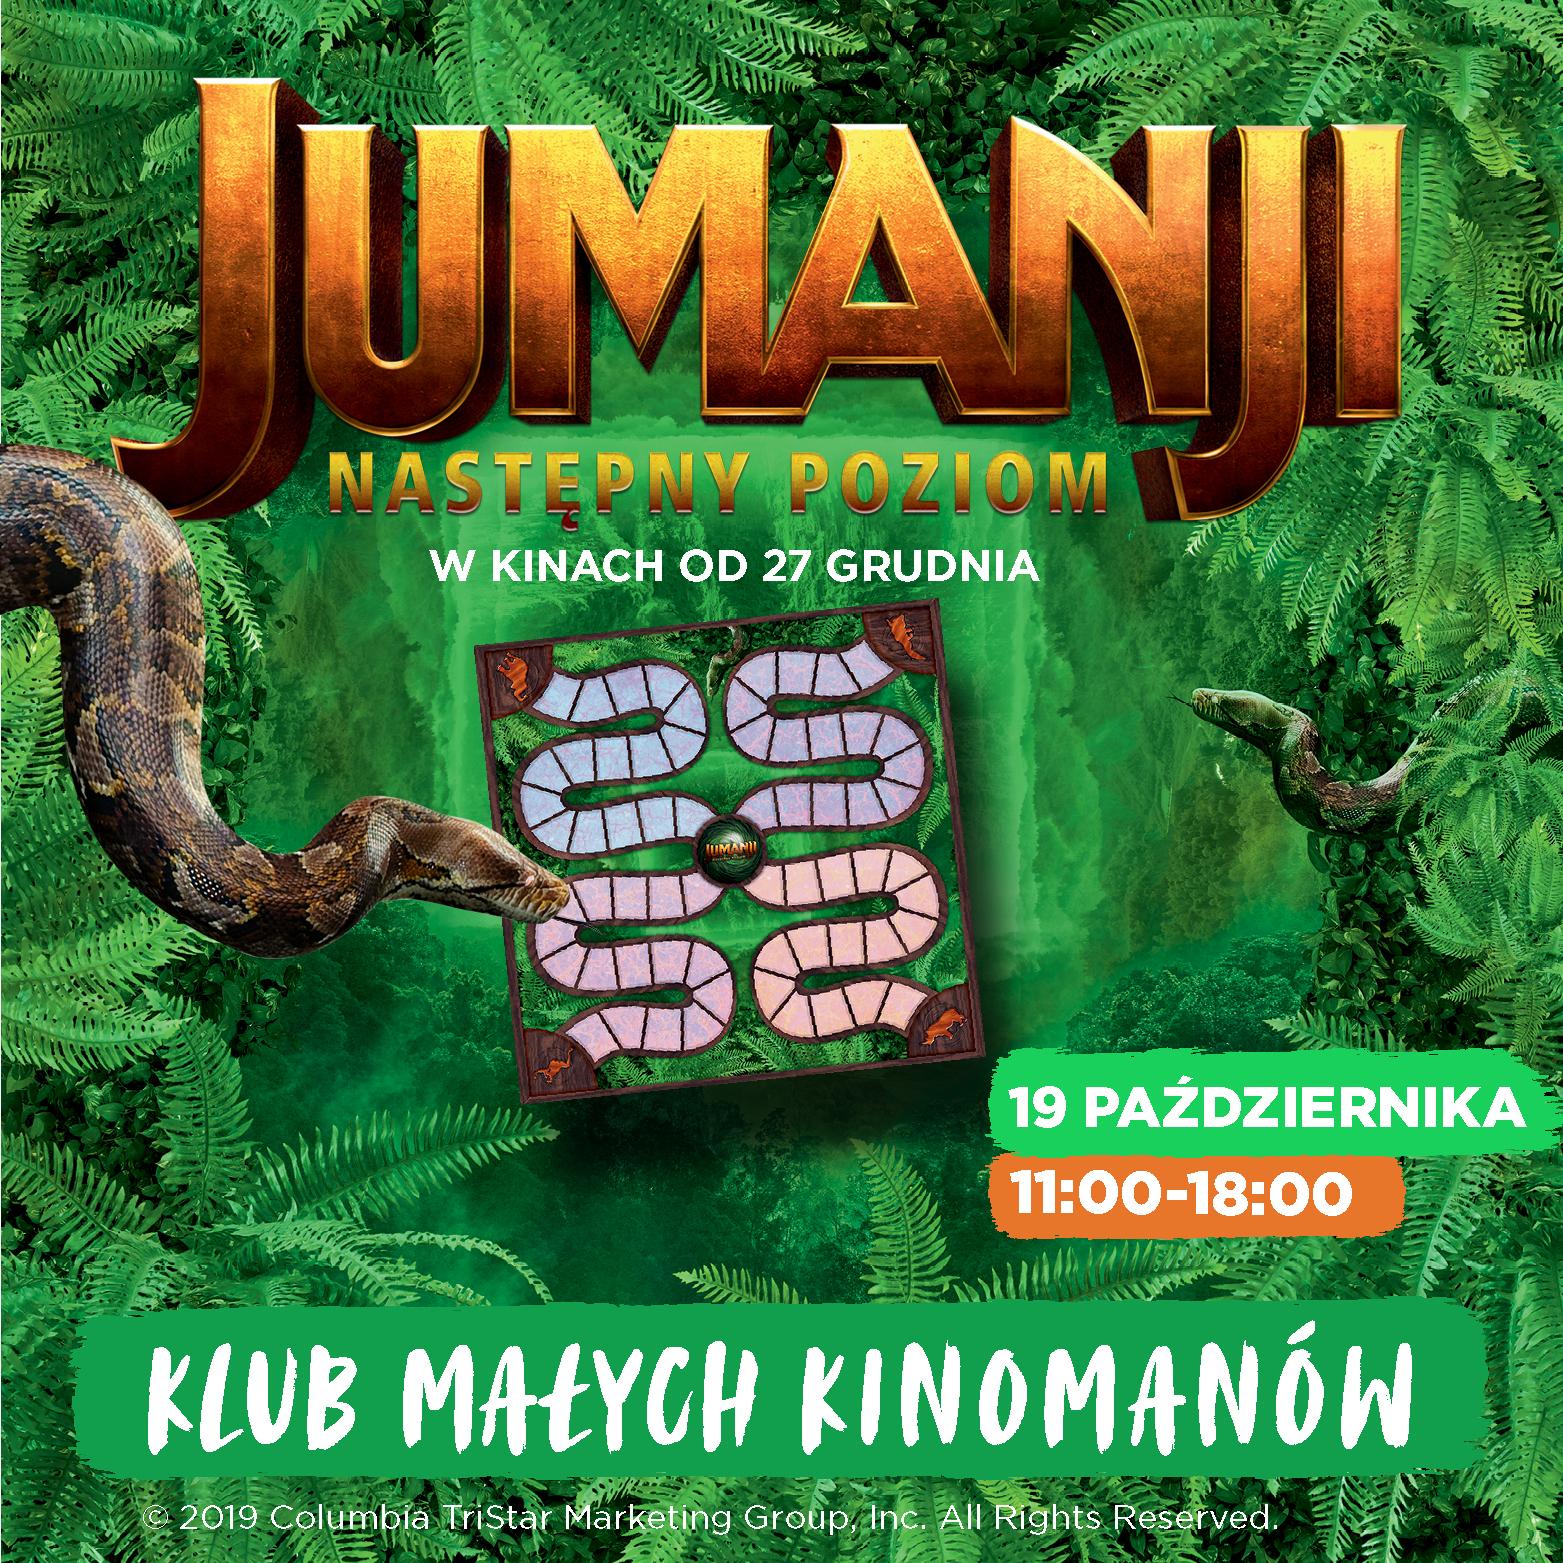 Klub Małych Kinomanów wJumanji